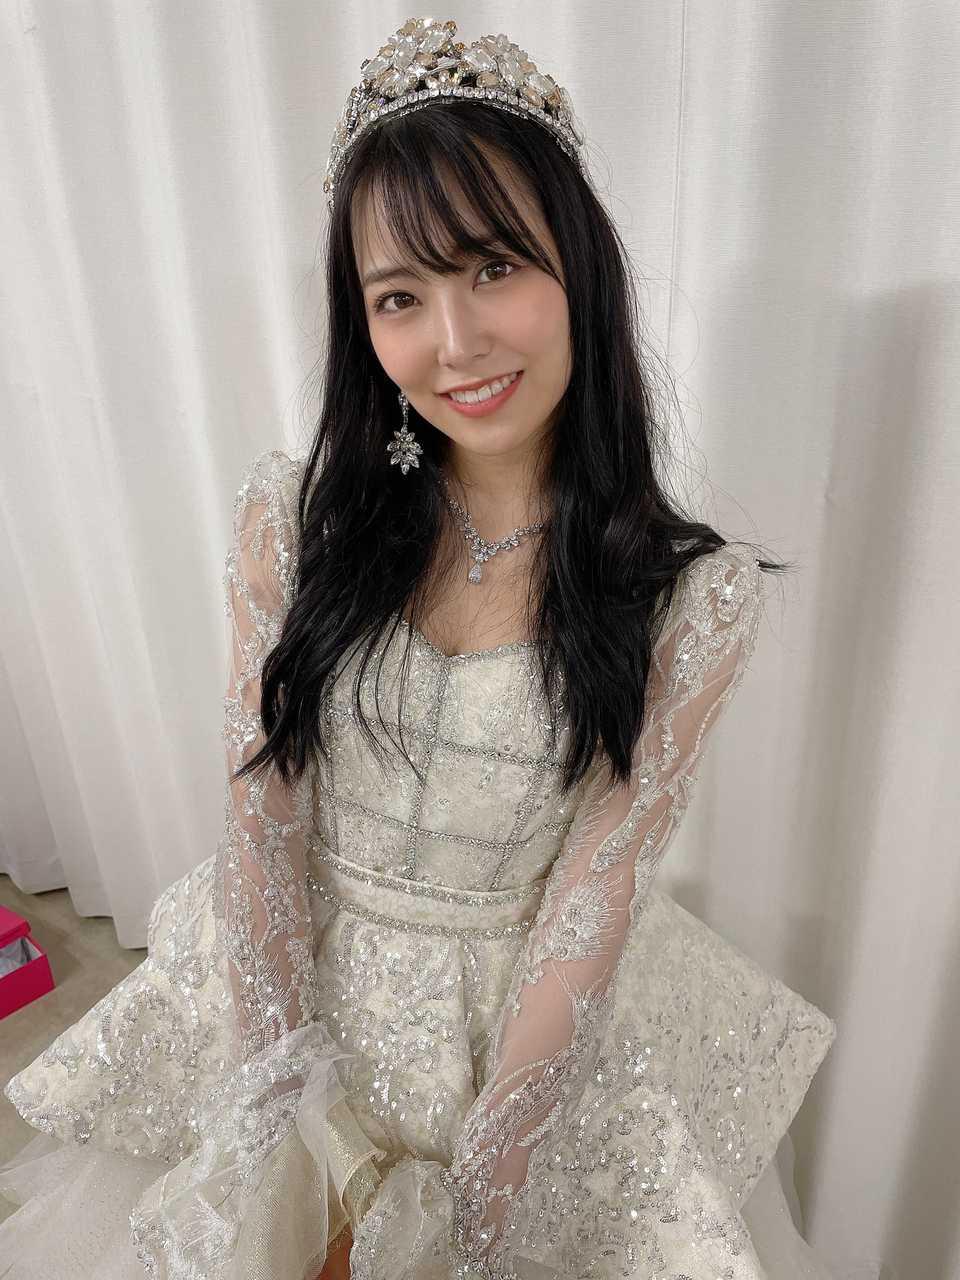 NMB48・白間美瑠「全て出し切りました!」最後の一期生卒業コンサートに卒業メンバーが大集合!